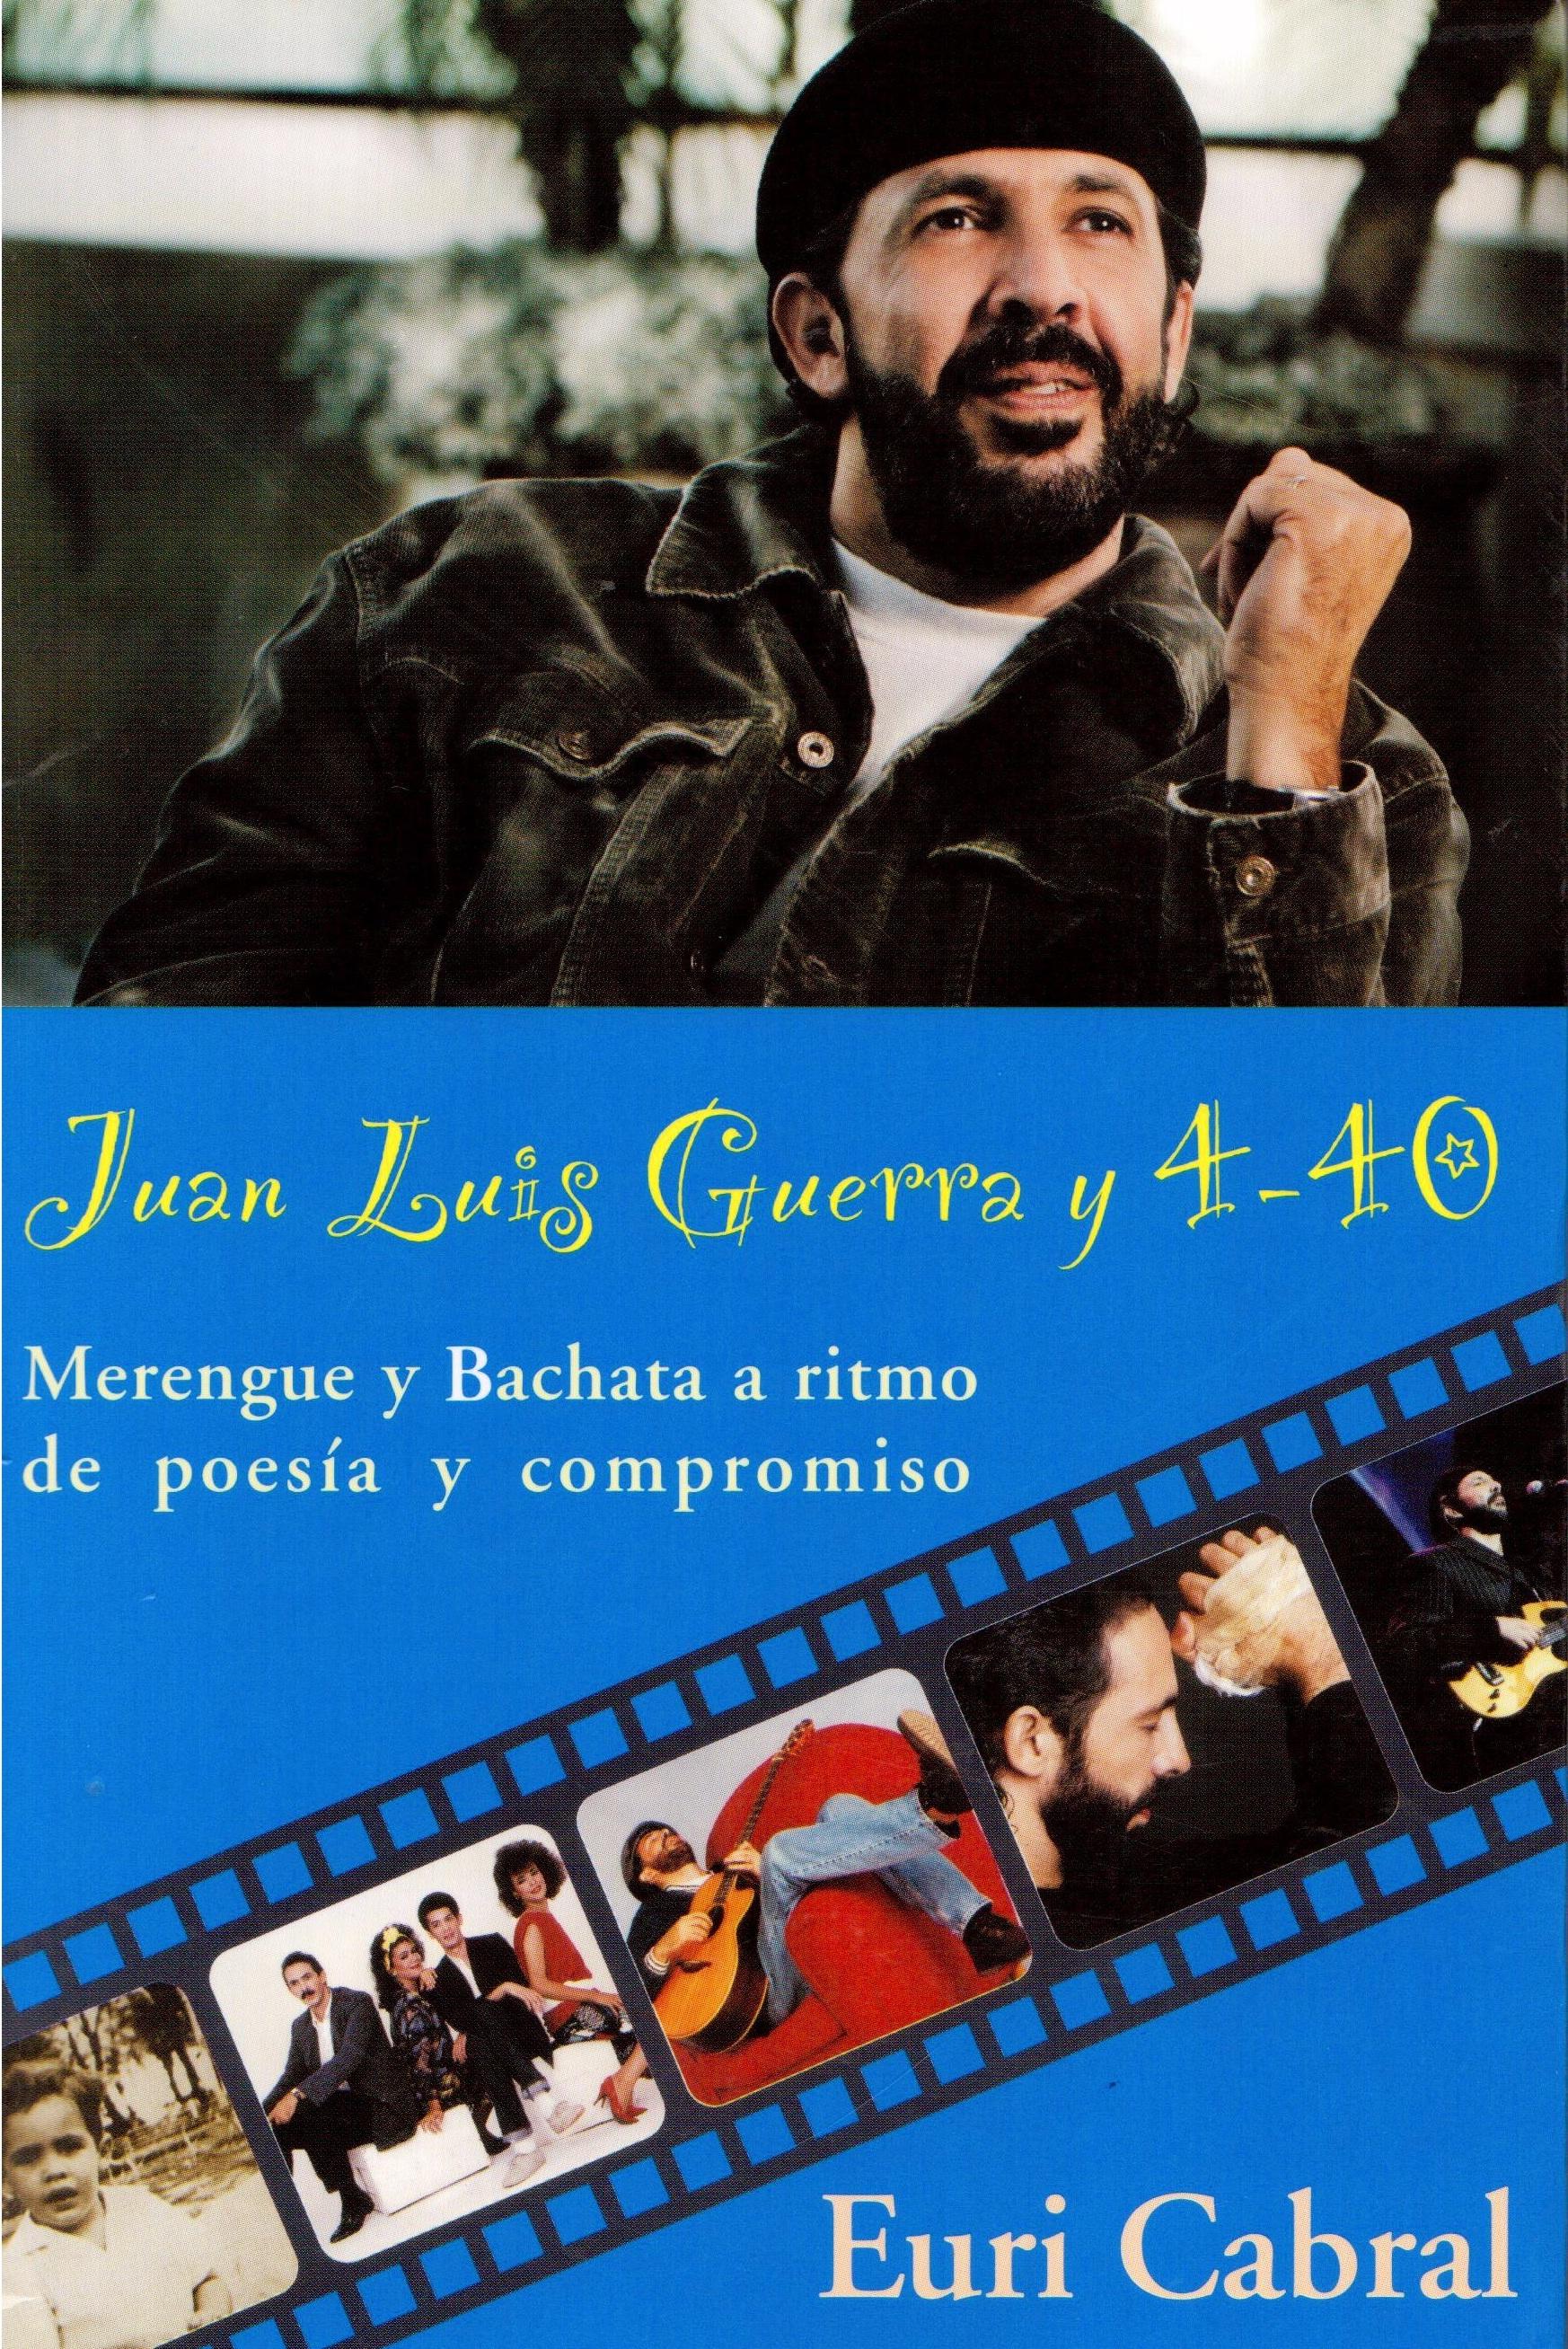 Juan Luis Guerra y 440 Euri Cabral